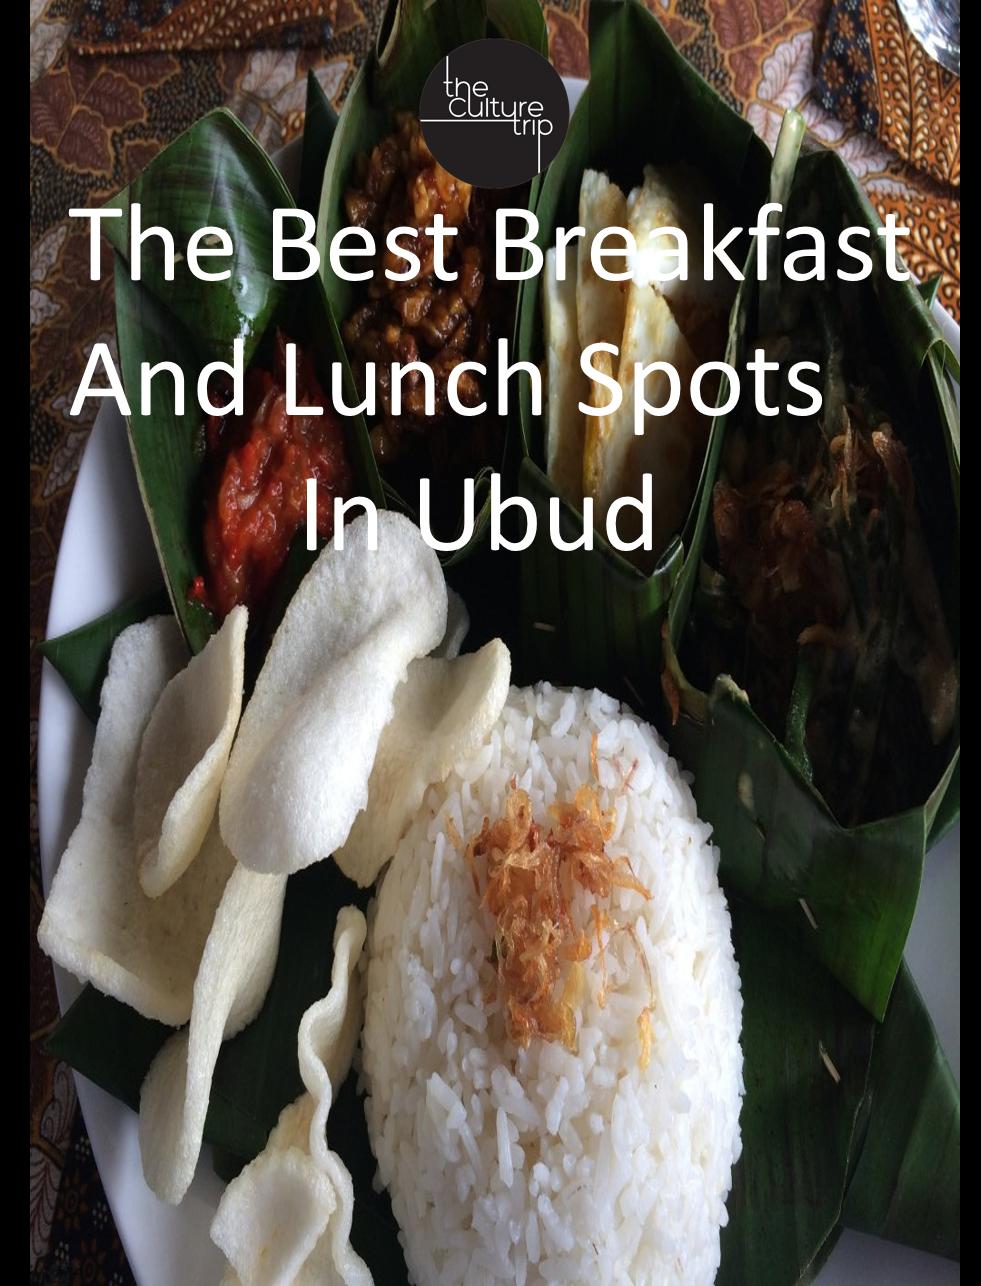 The Best Brunch Spots In Ubud Bali Best Breakfast Brunch Spots Ubud